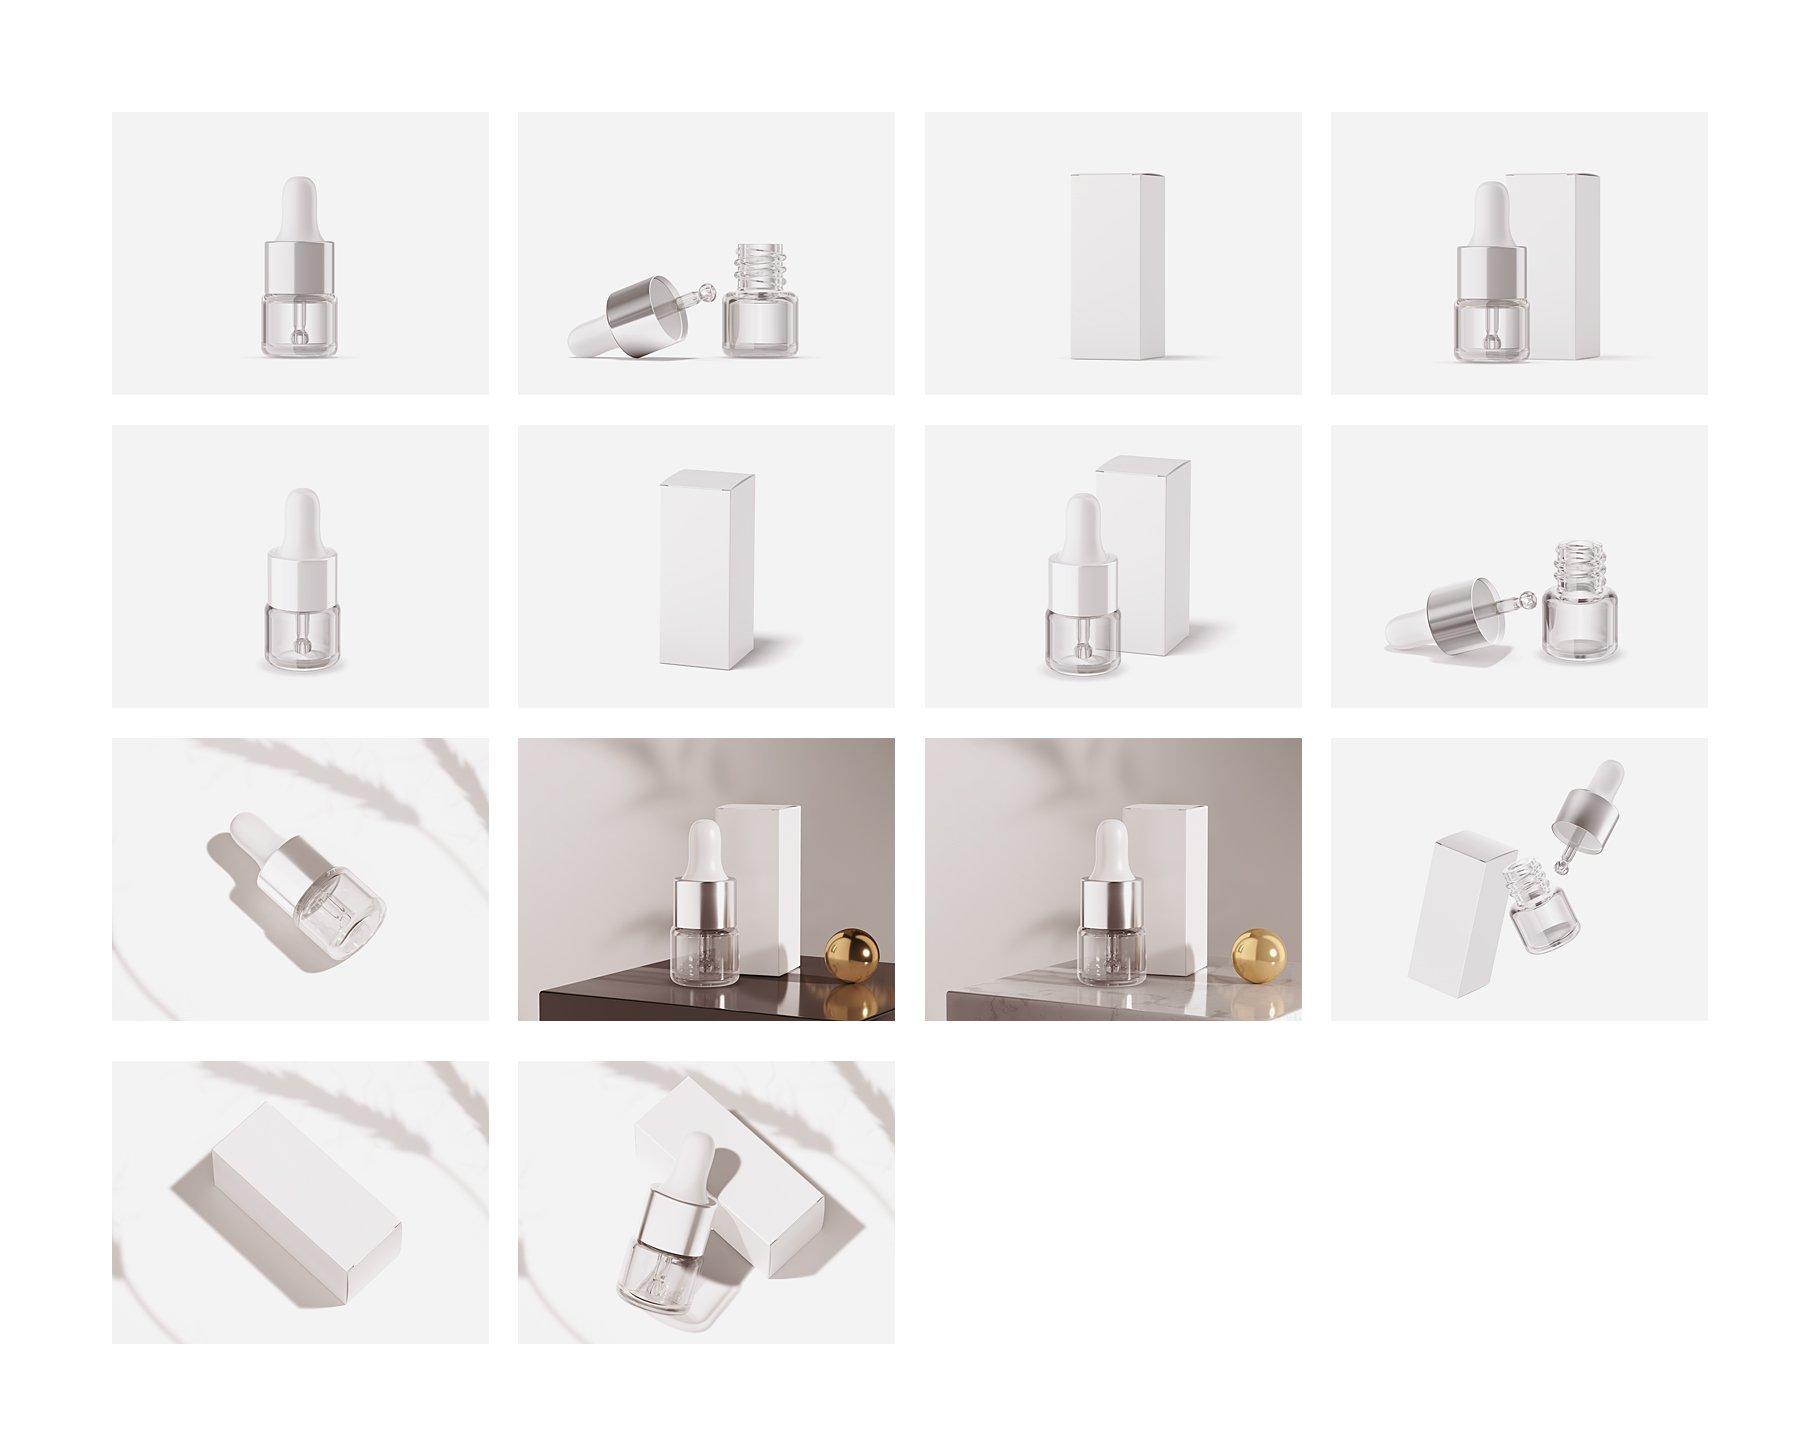 14个透明玻璃滴管瓶标签设计展示贴图样机模板 1ml Clear Glass Bottle Mockup插图1